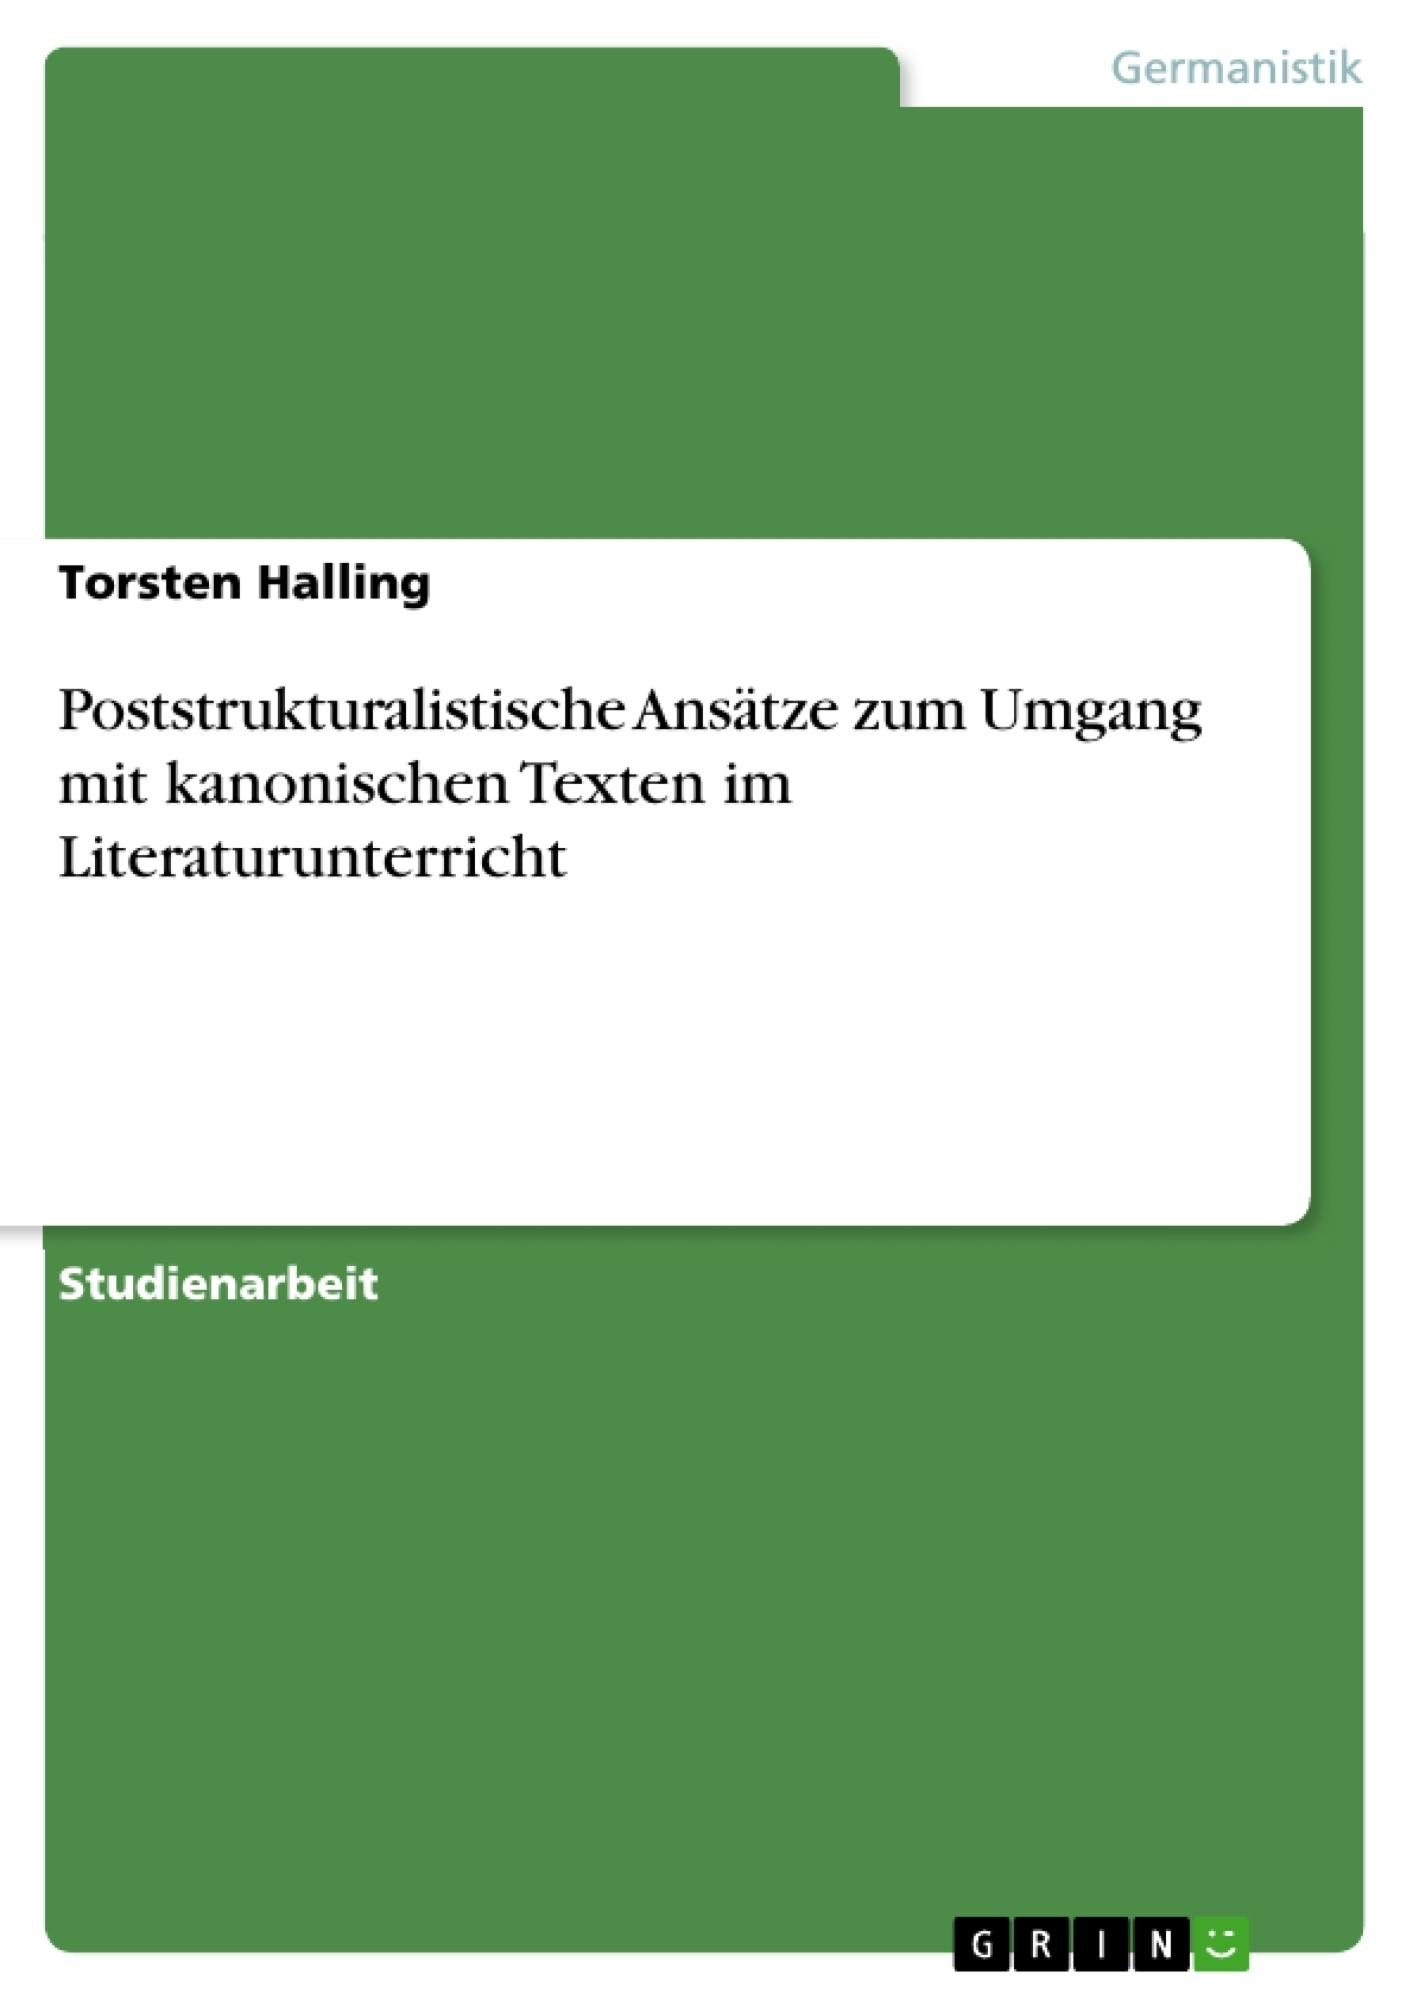 Titel: Poststrukturalistische Ansätze zum Umgang mit kanonischen Texten im Literaturunterricht